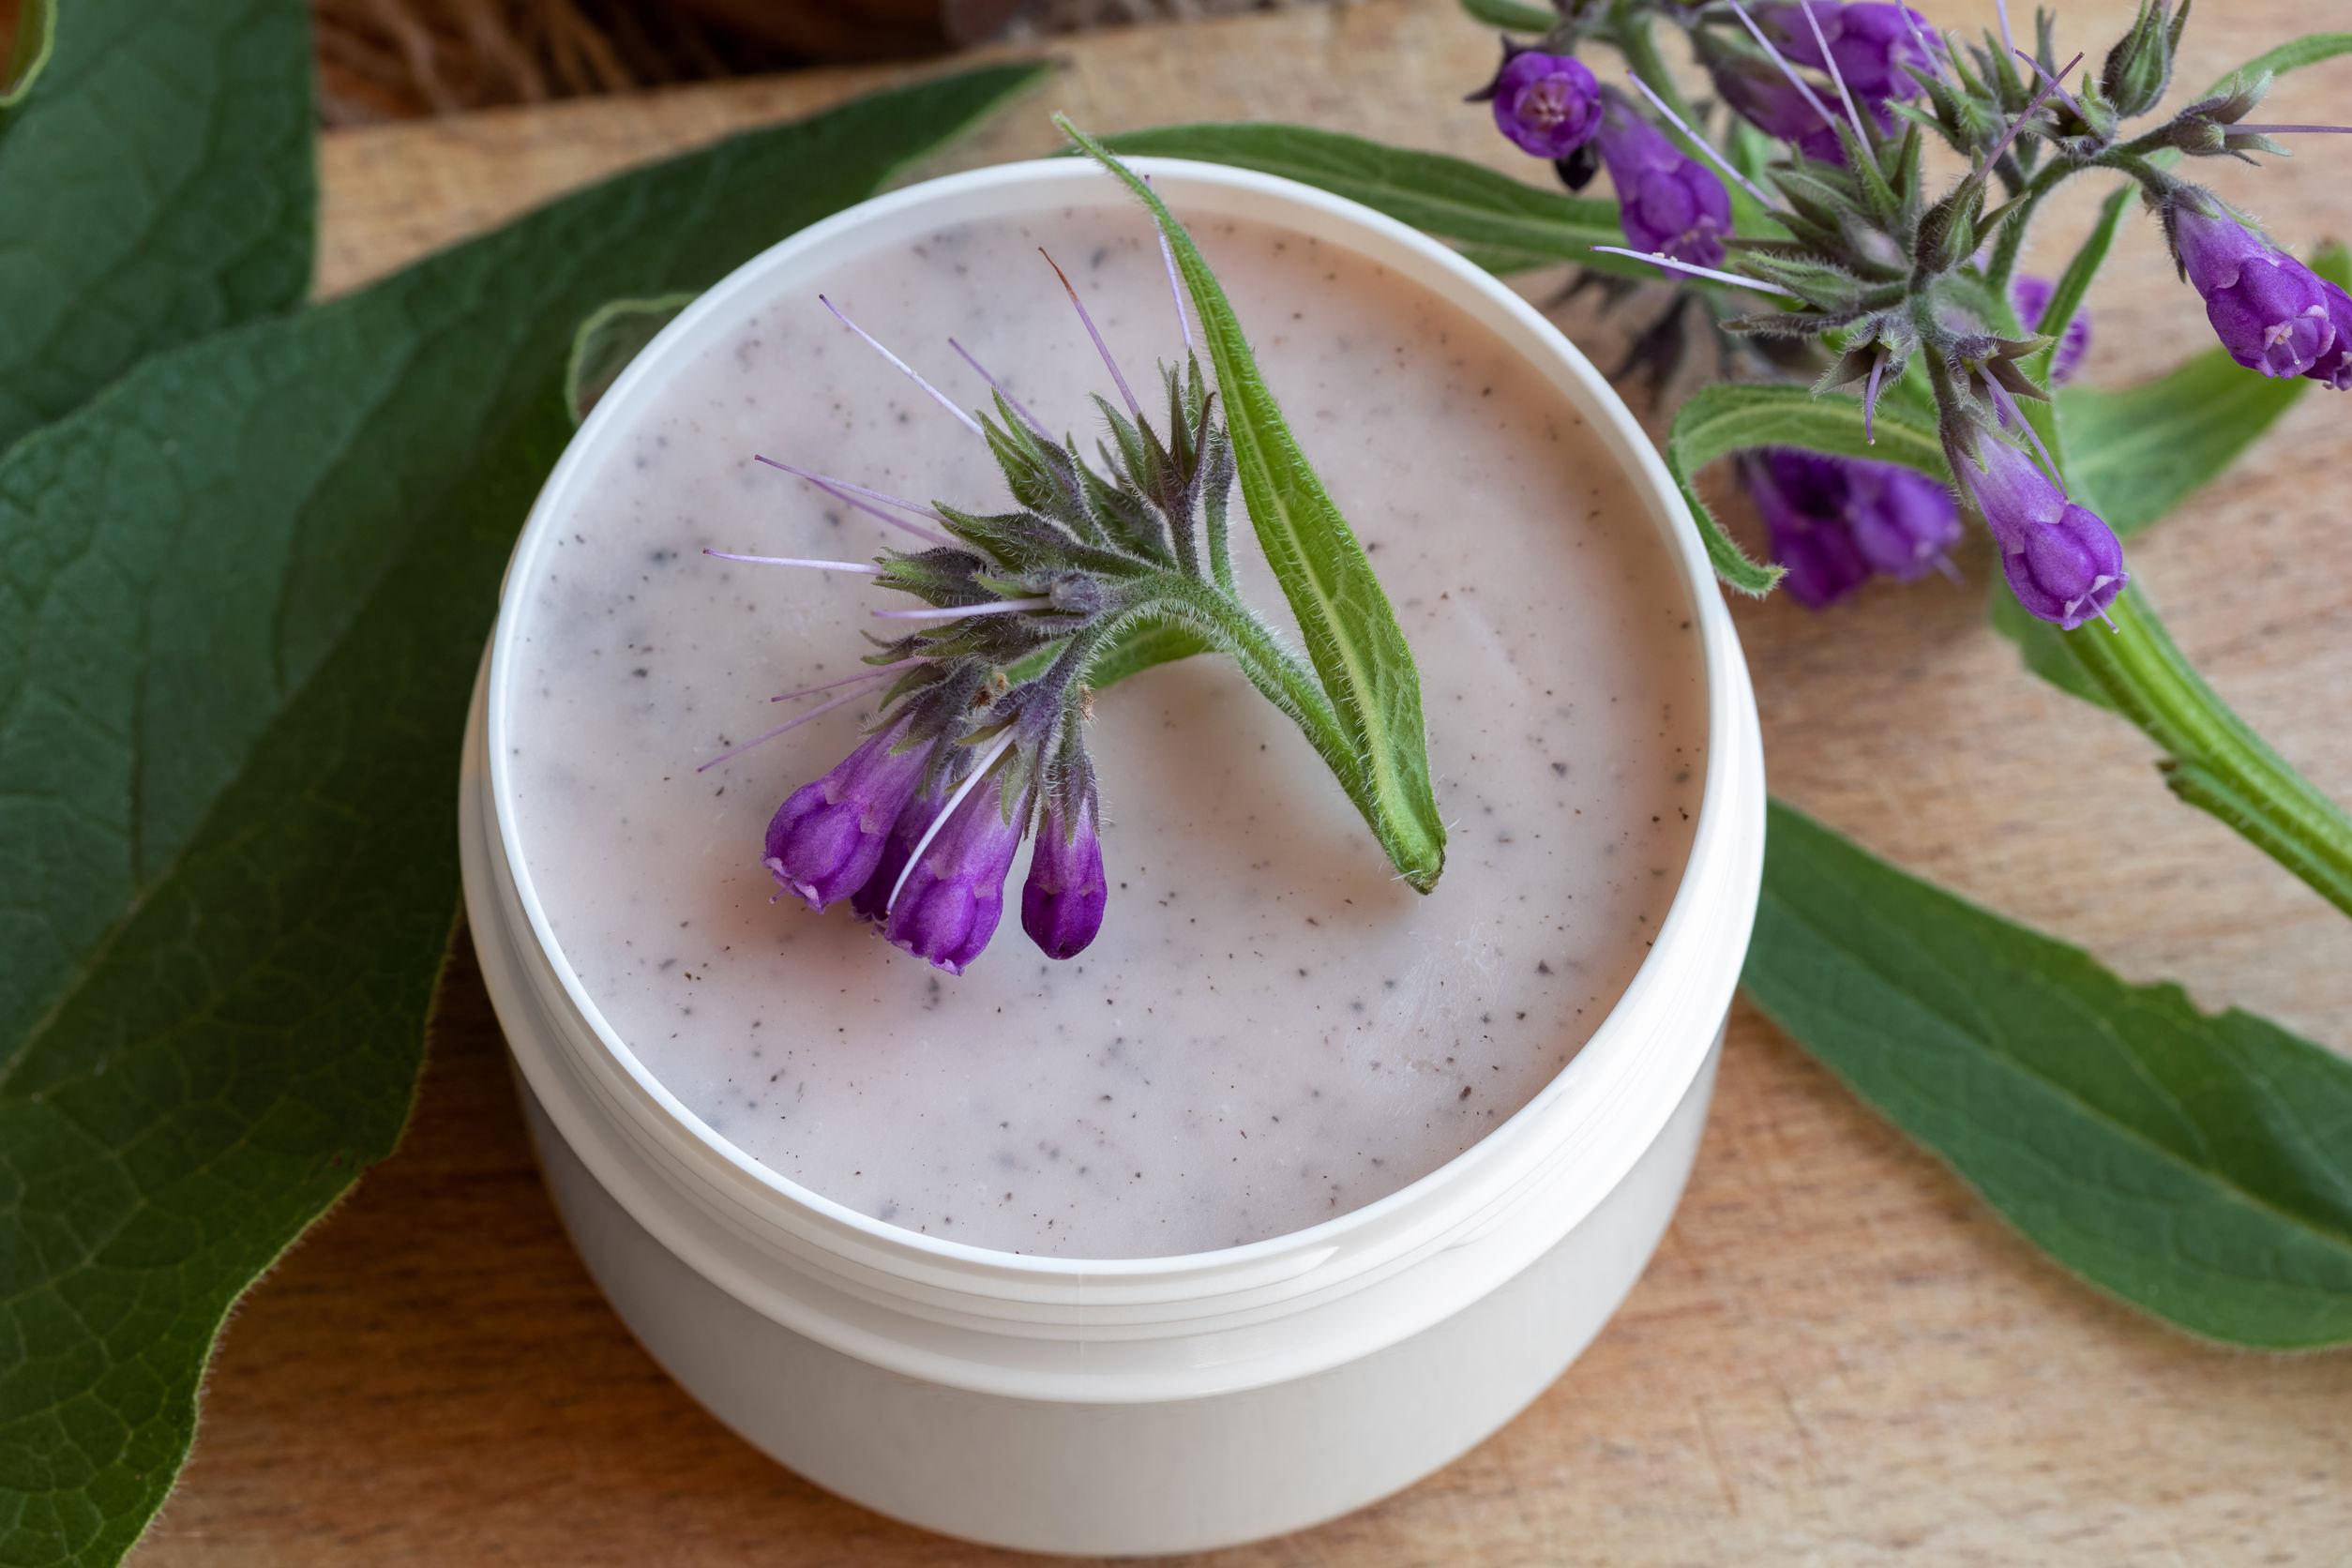 gyógynövények az ízületek és izmok fájdalmainak kezelésére